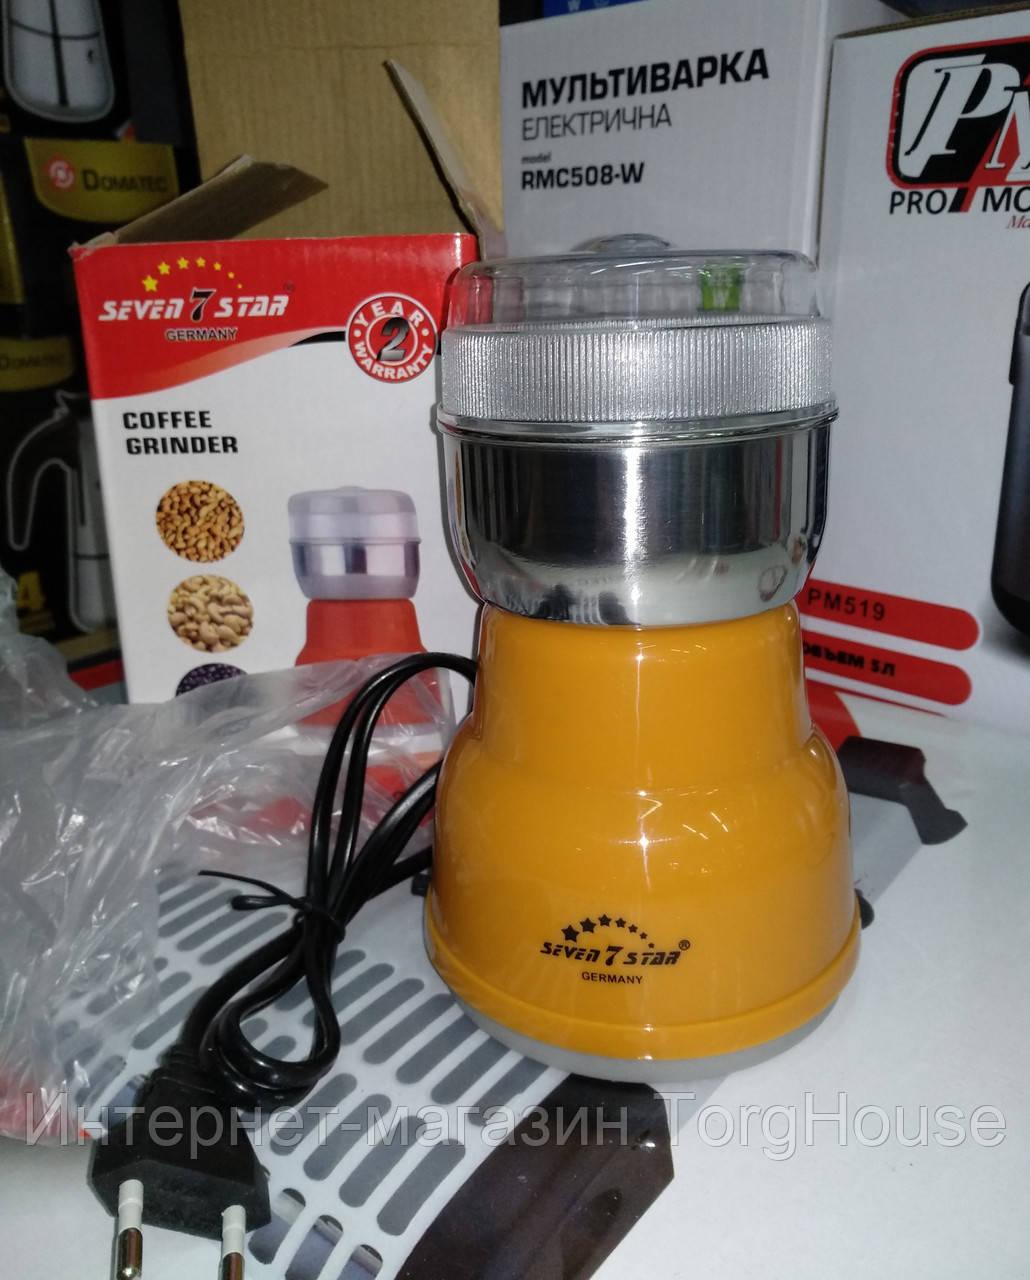 Электрическая кофемолка SEVEN 7 STAR (300W)